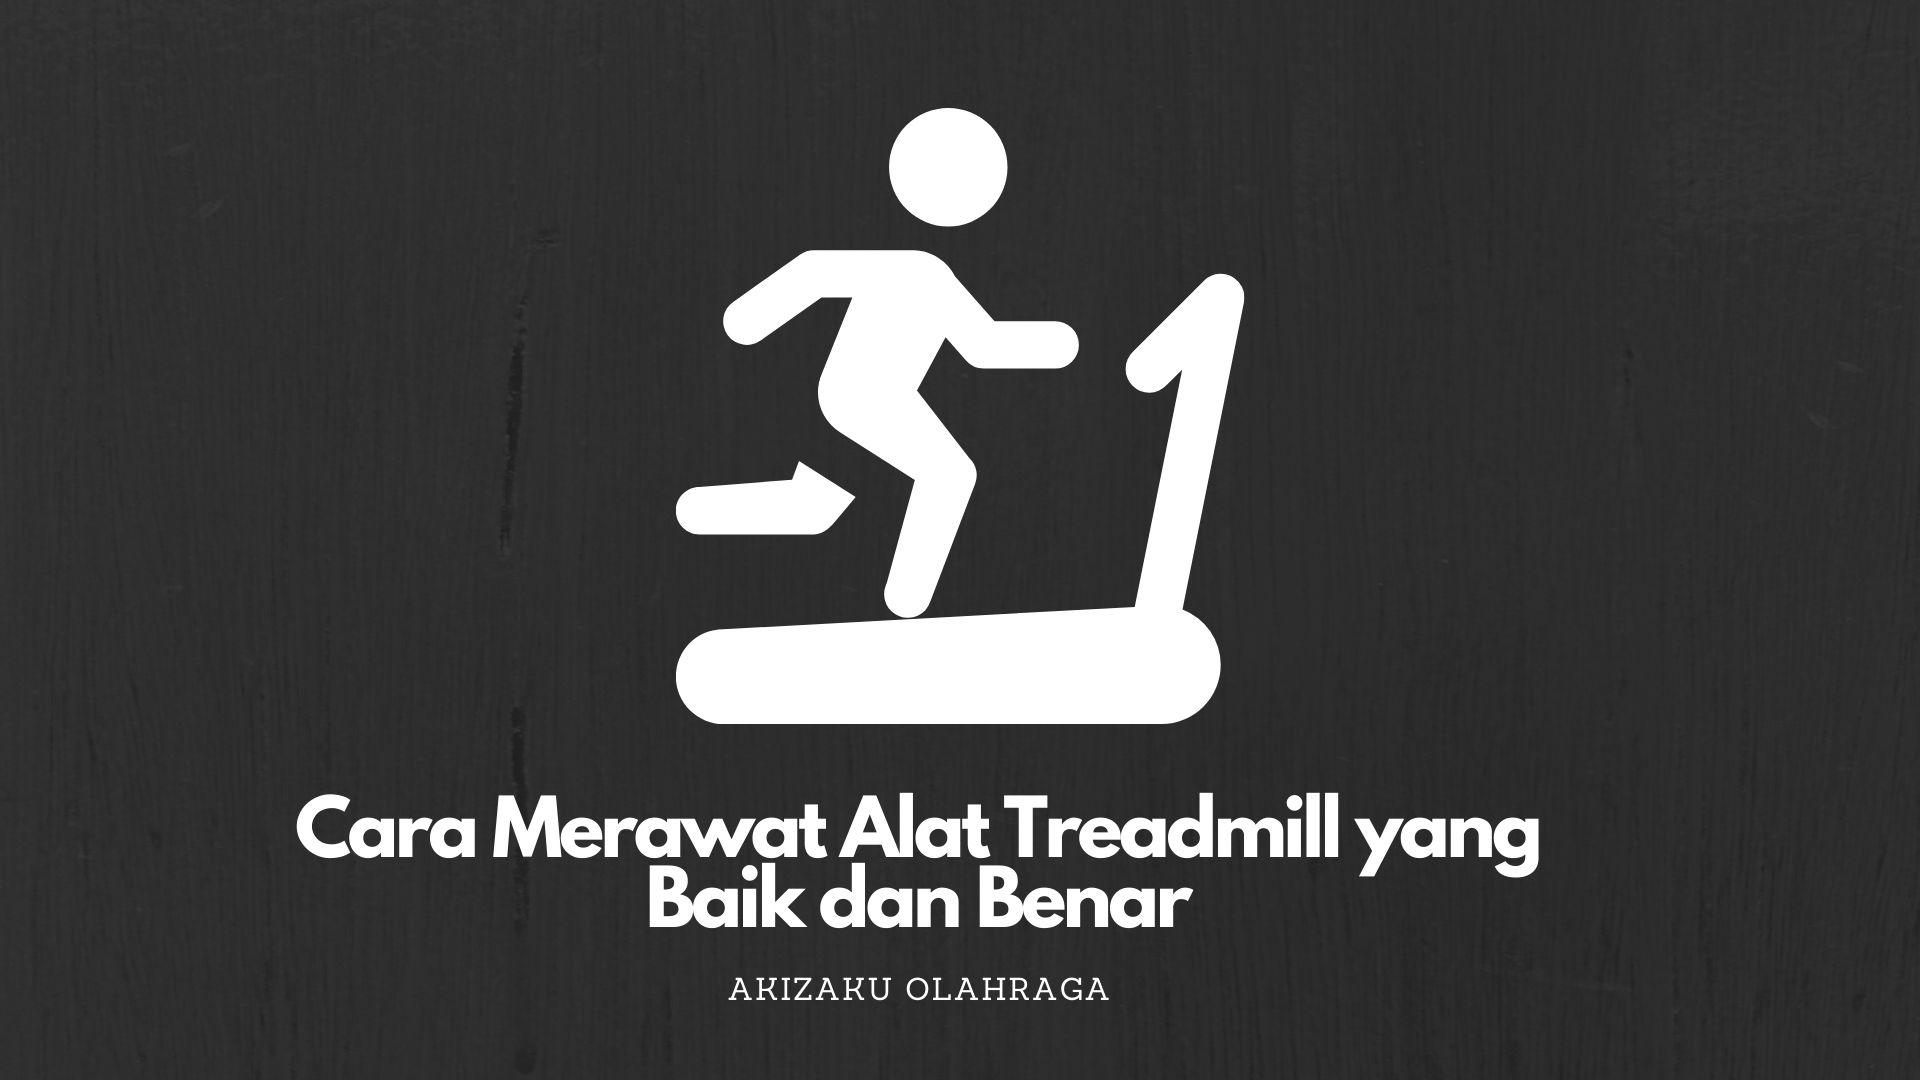 [Image: Cara-Merawat-Alat-Treadmill-yang-Baik-dan-Benar.jpg]